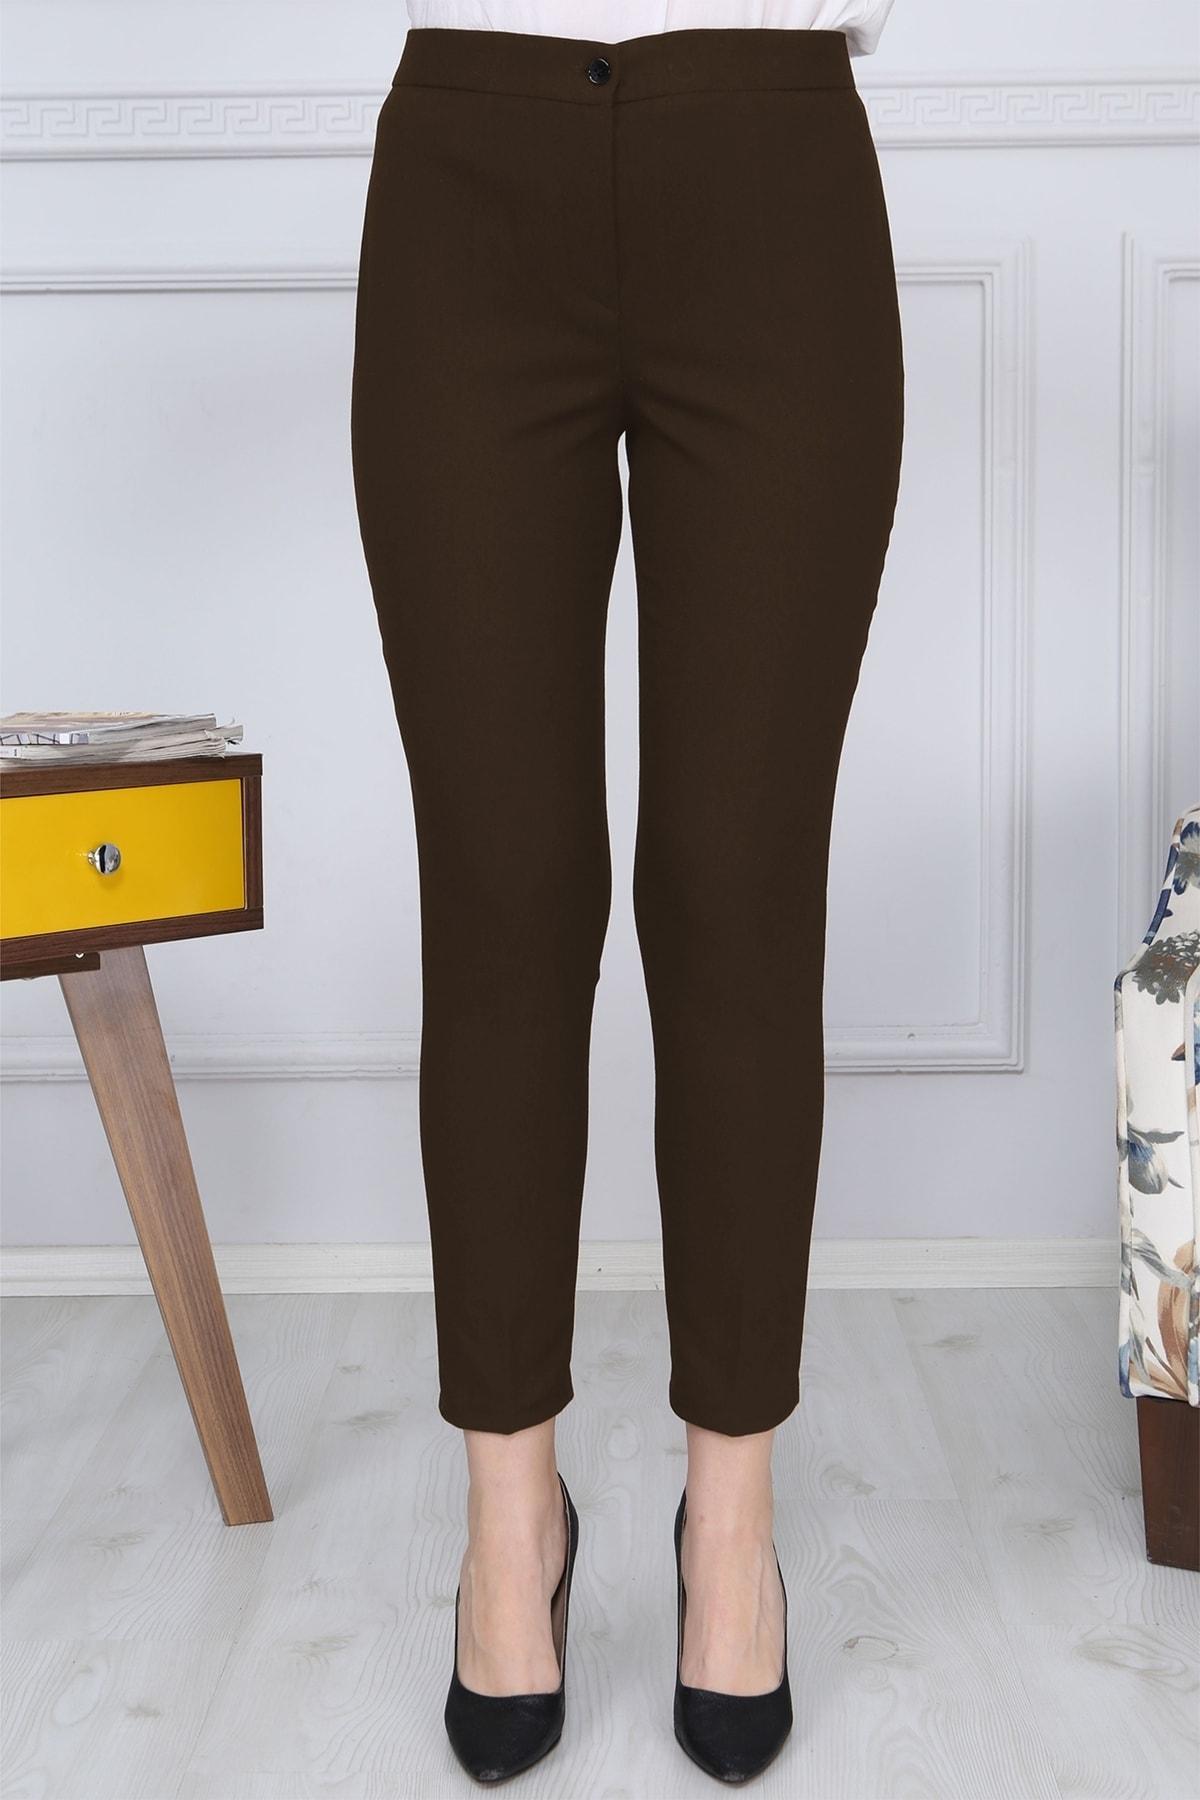 Gül Moda Kahverengi Kemerli Dar Paça Kumaş Pantolon Likralı Cepsiz G011 1